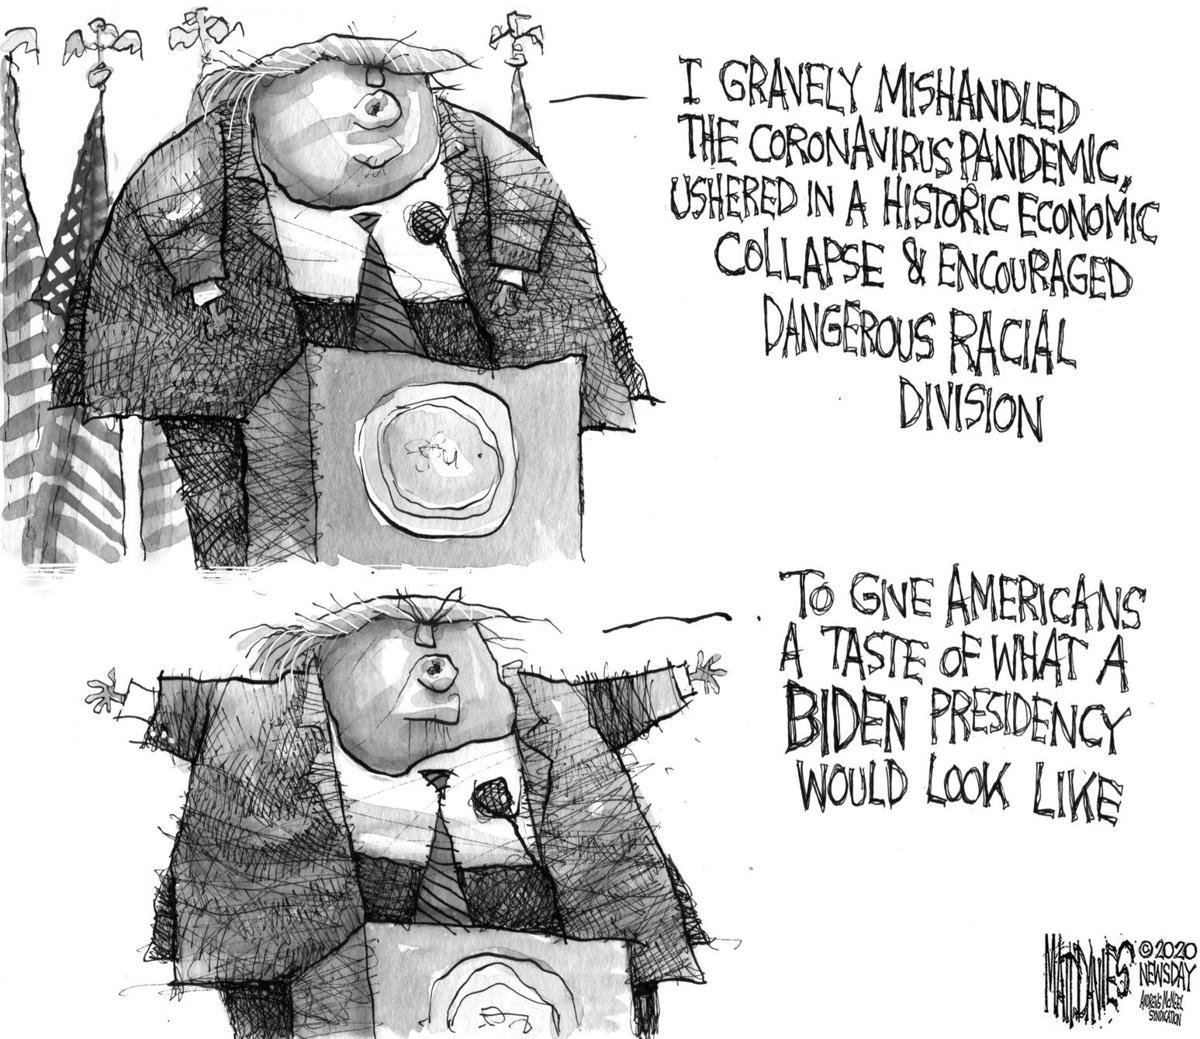 I lied to blame it on Biden